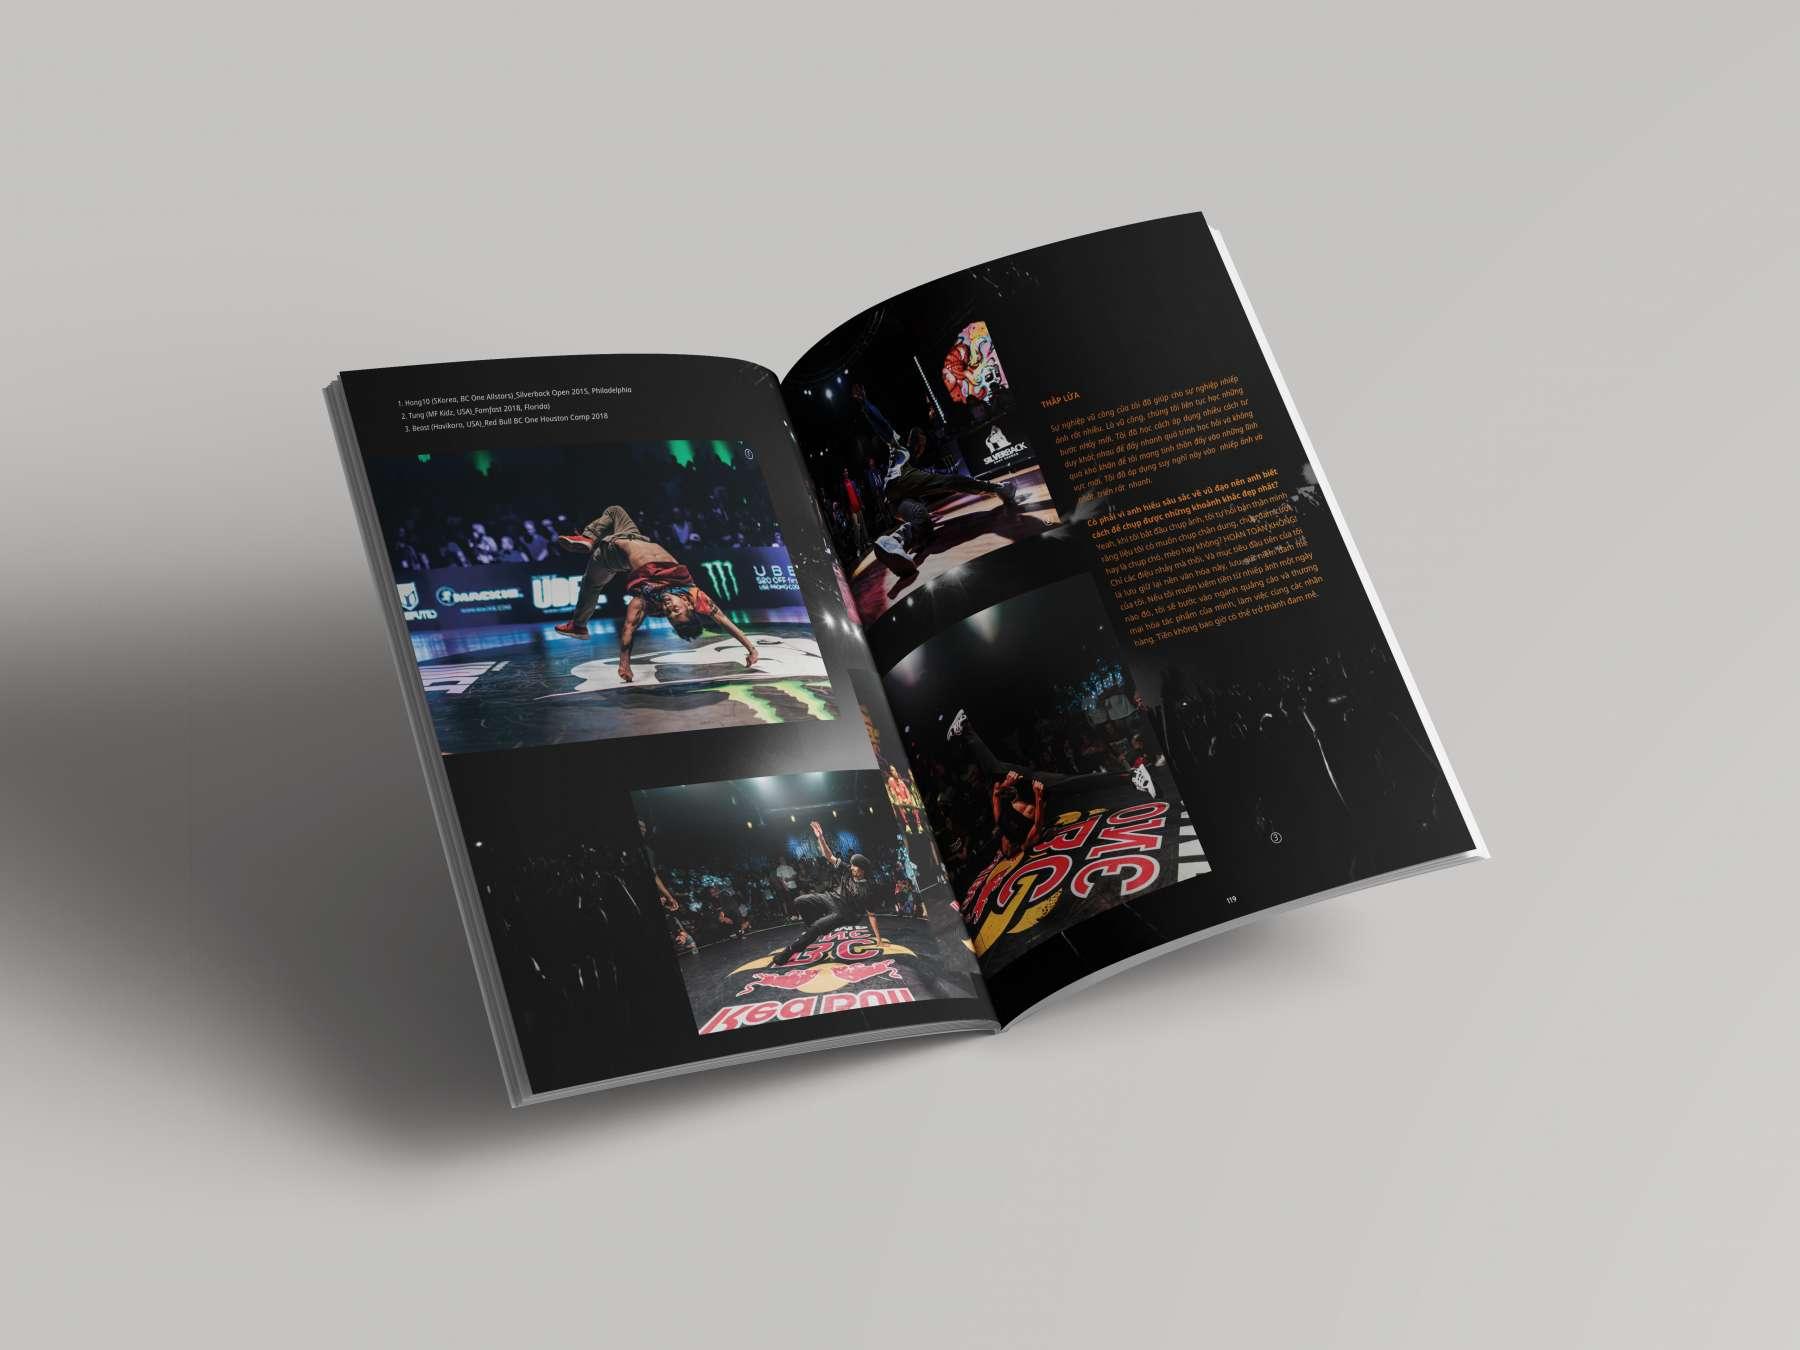 """Ấn phẩm SNKRVN tập 02 chính thức ra mắt tại Việt Nam với tên gọi """"THE CONTEMPORARY CULTURE"""""""